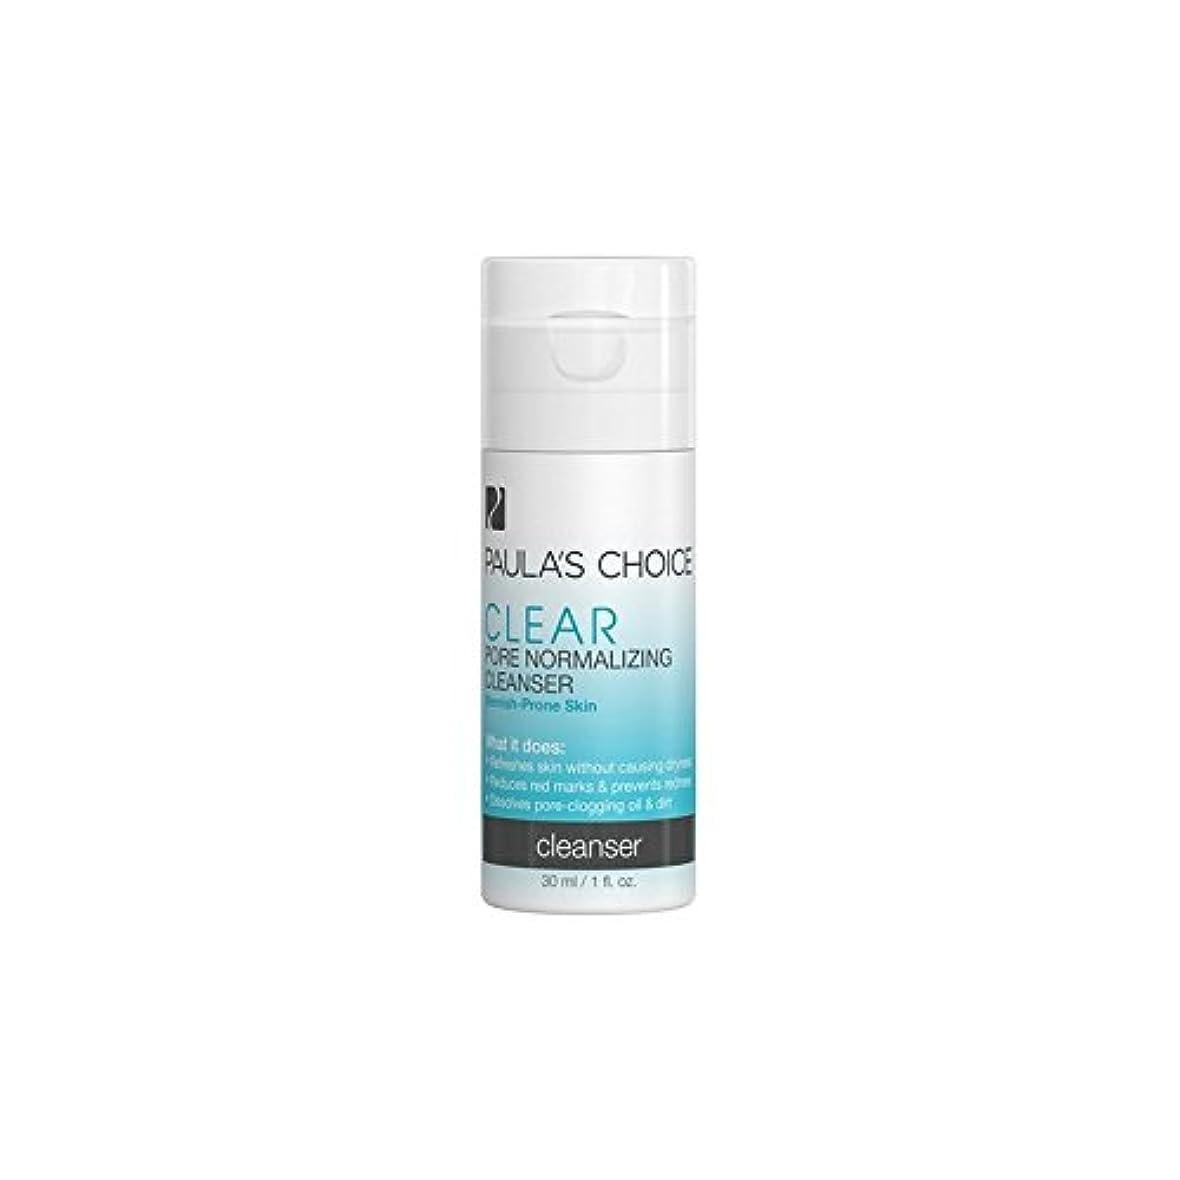 ペースト振りかけるであるポーラチョイス明確な細孔正規クレンザー - お試しサイズ(30ミリリットル) x4 - Paula's Choice Clear Pore Normalizing Cleanser - Trial Size (30ml) (Pack of 4) [並行輸入品]